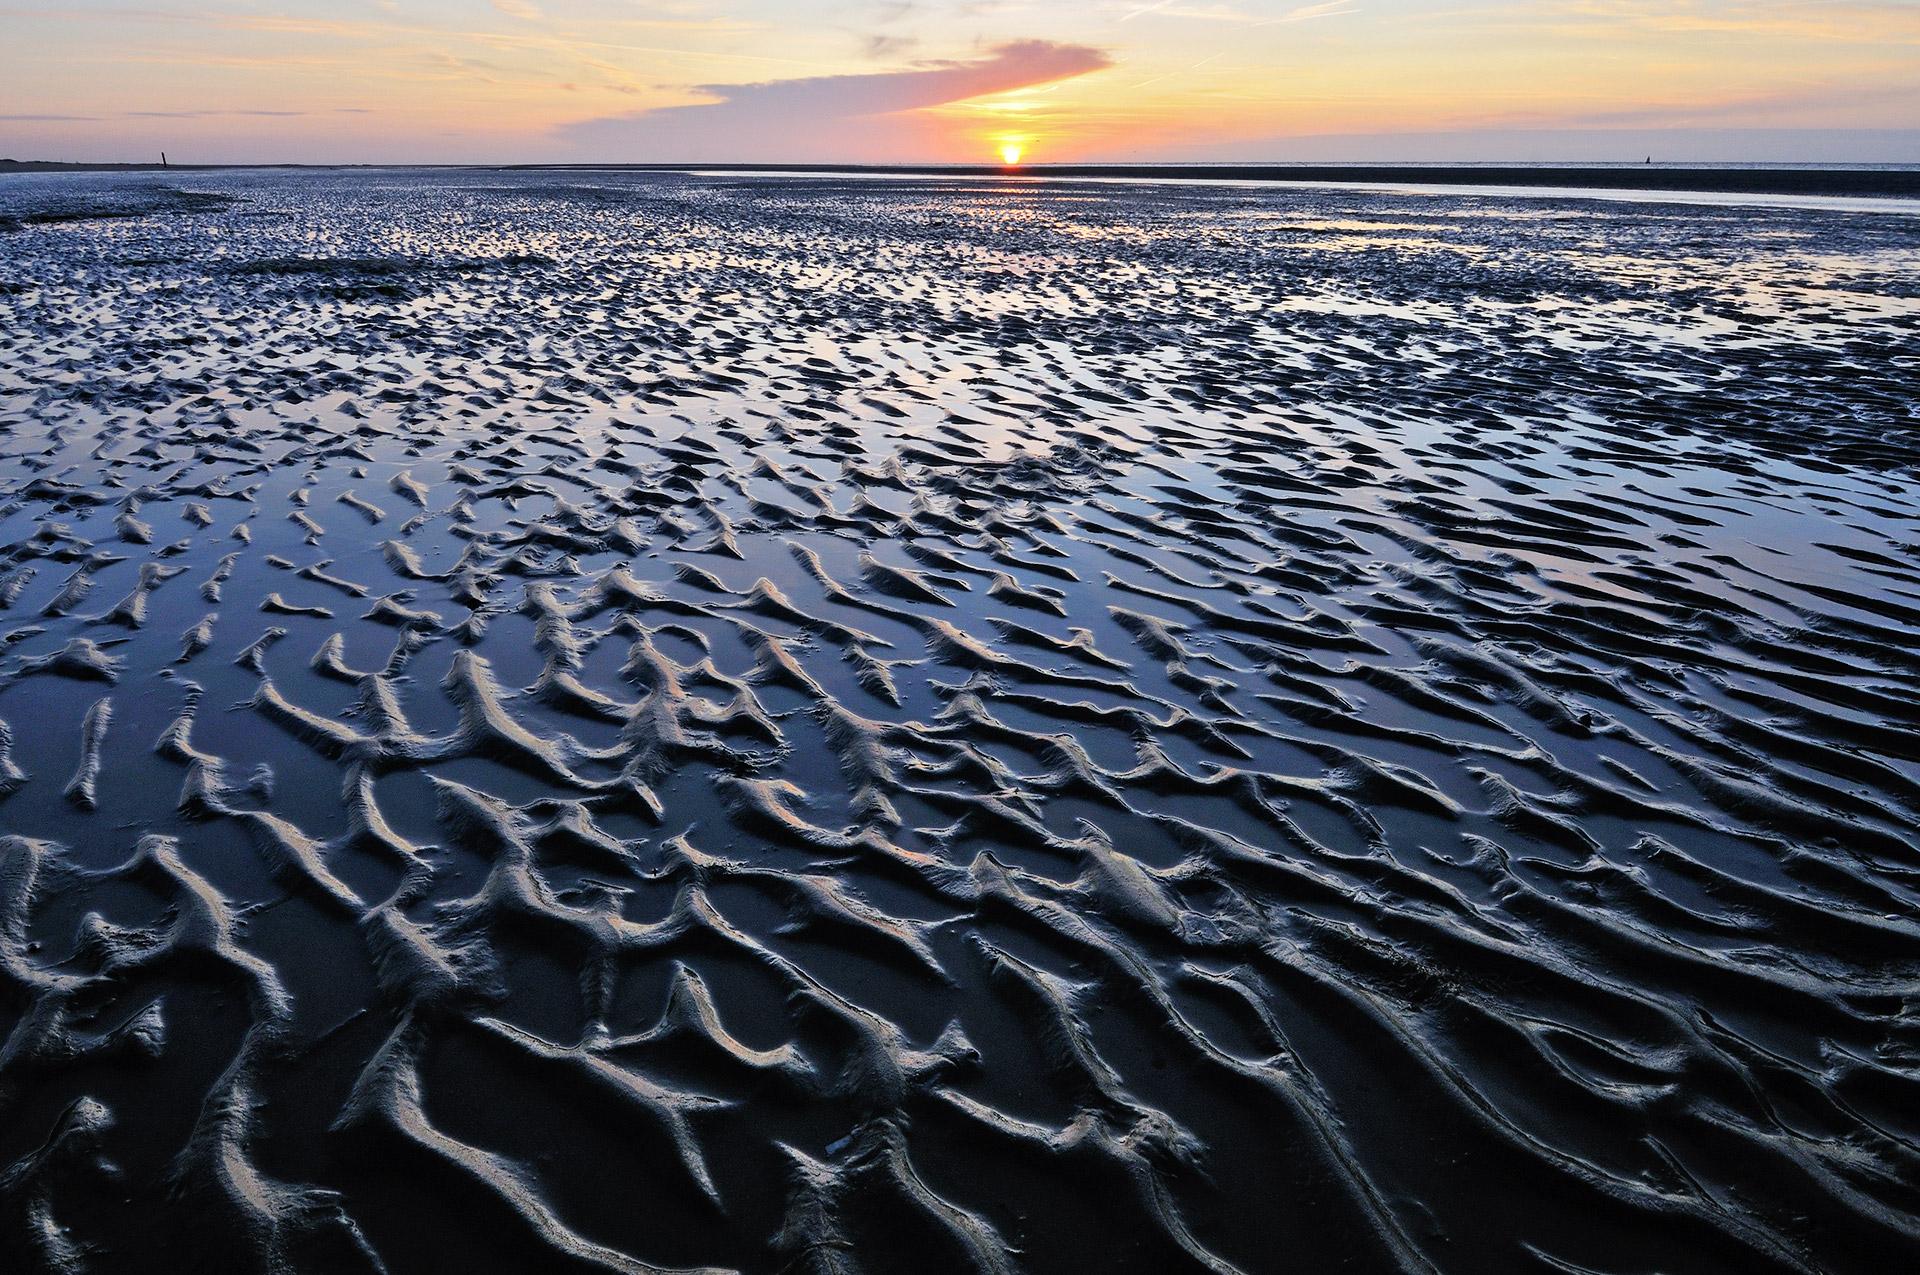 Patterns on the beach of Kwade Hoek